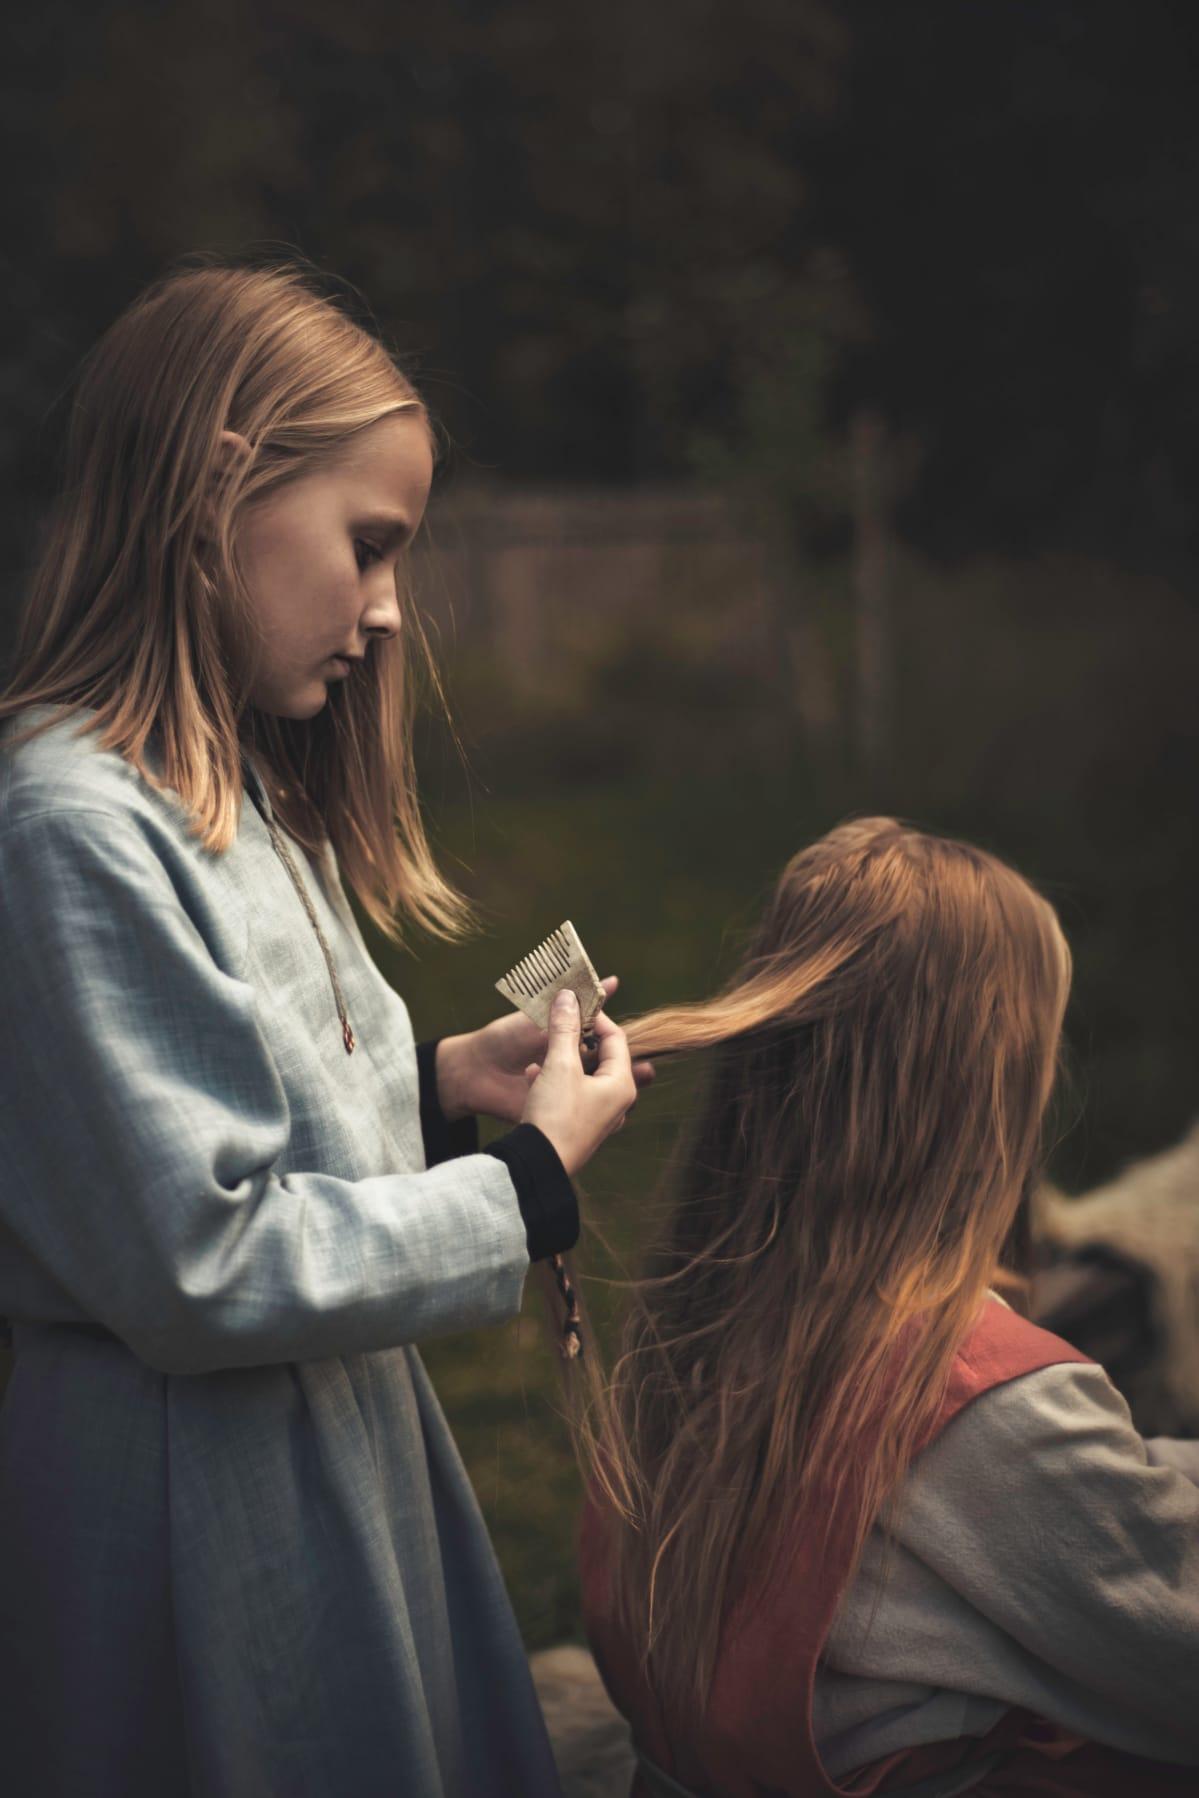 tyttö kampaa toisen tytön hiuksia